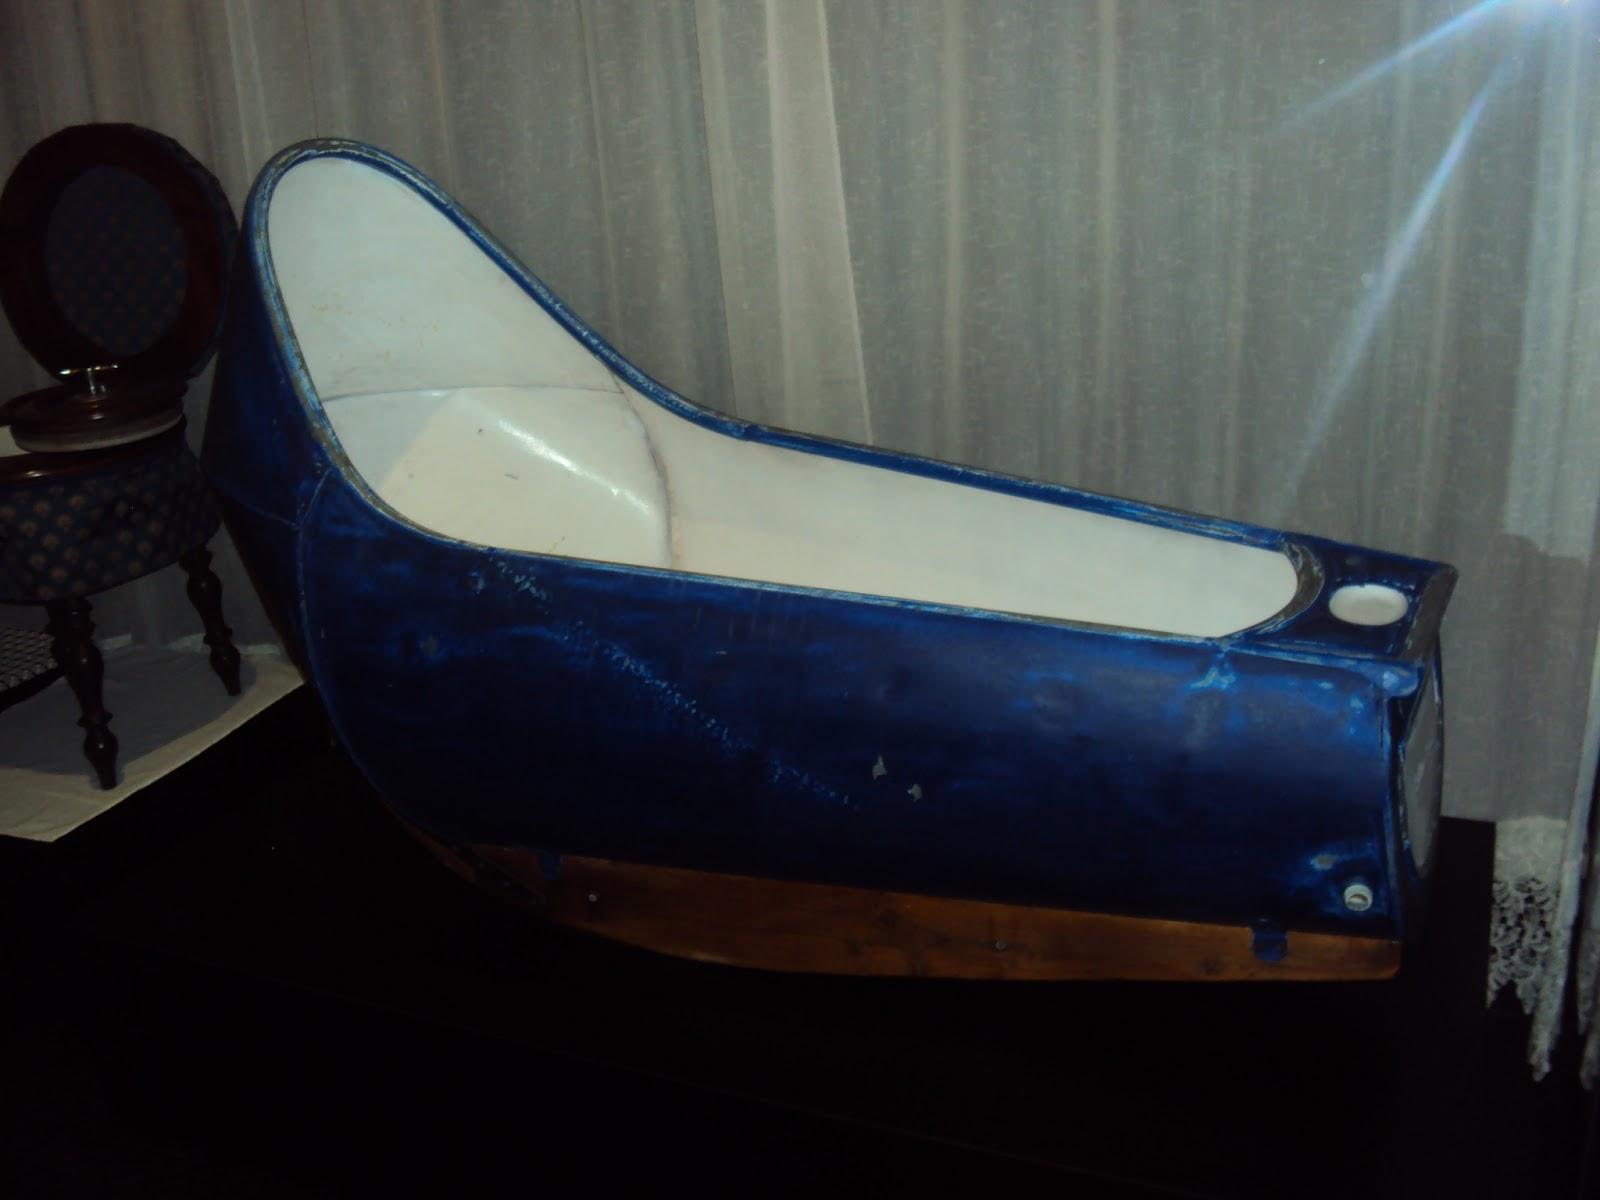 Vasca Da Bagno Per Neonati : Vasca da bagno gonfiabile per neonati: acquista all ingrosso online